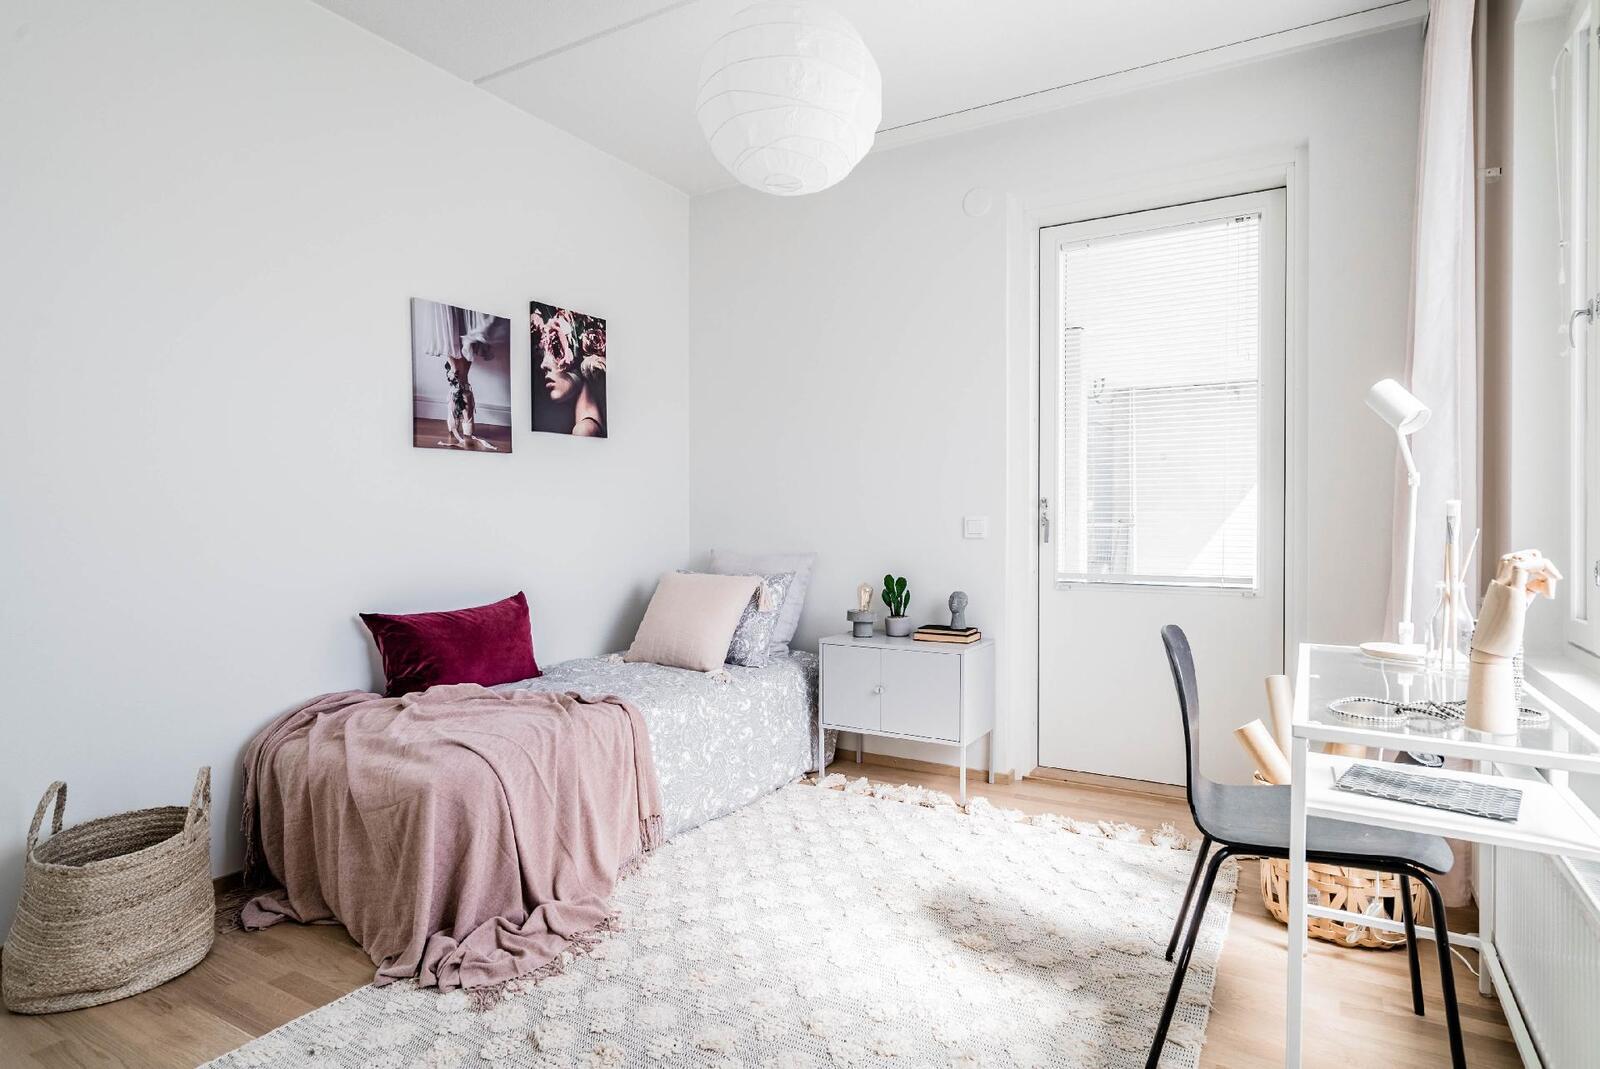 Esittelyasunto C60, 2h, k, s, 51 m², makuuhuone 2, käynti parvekkeelle